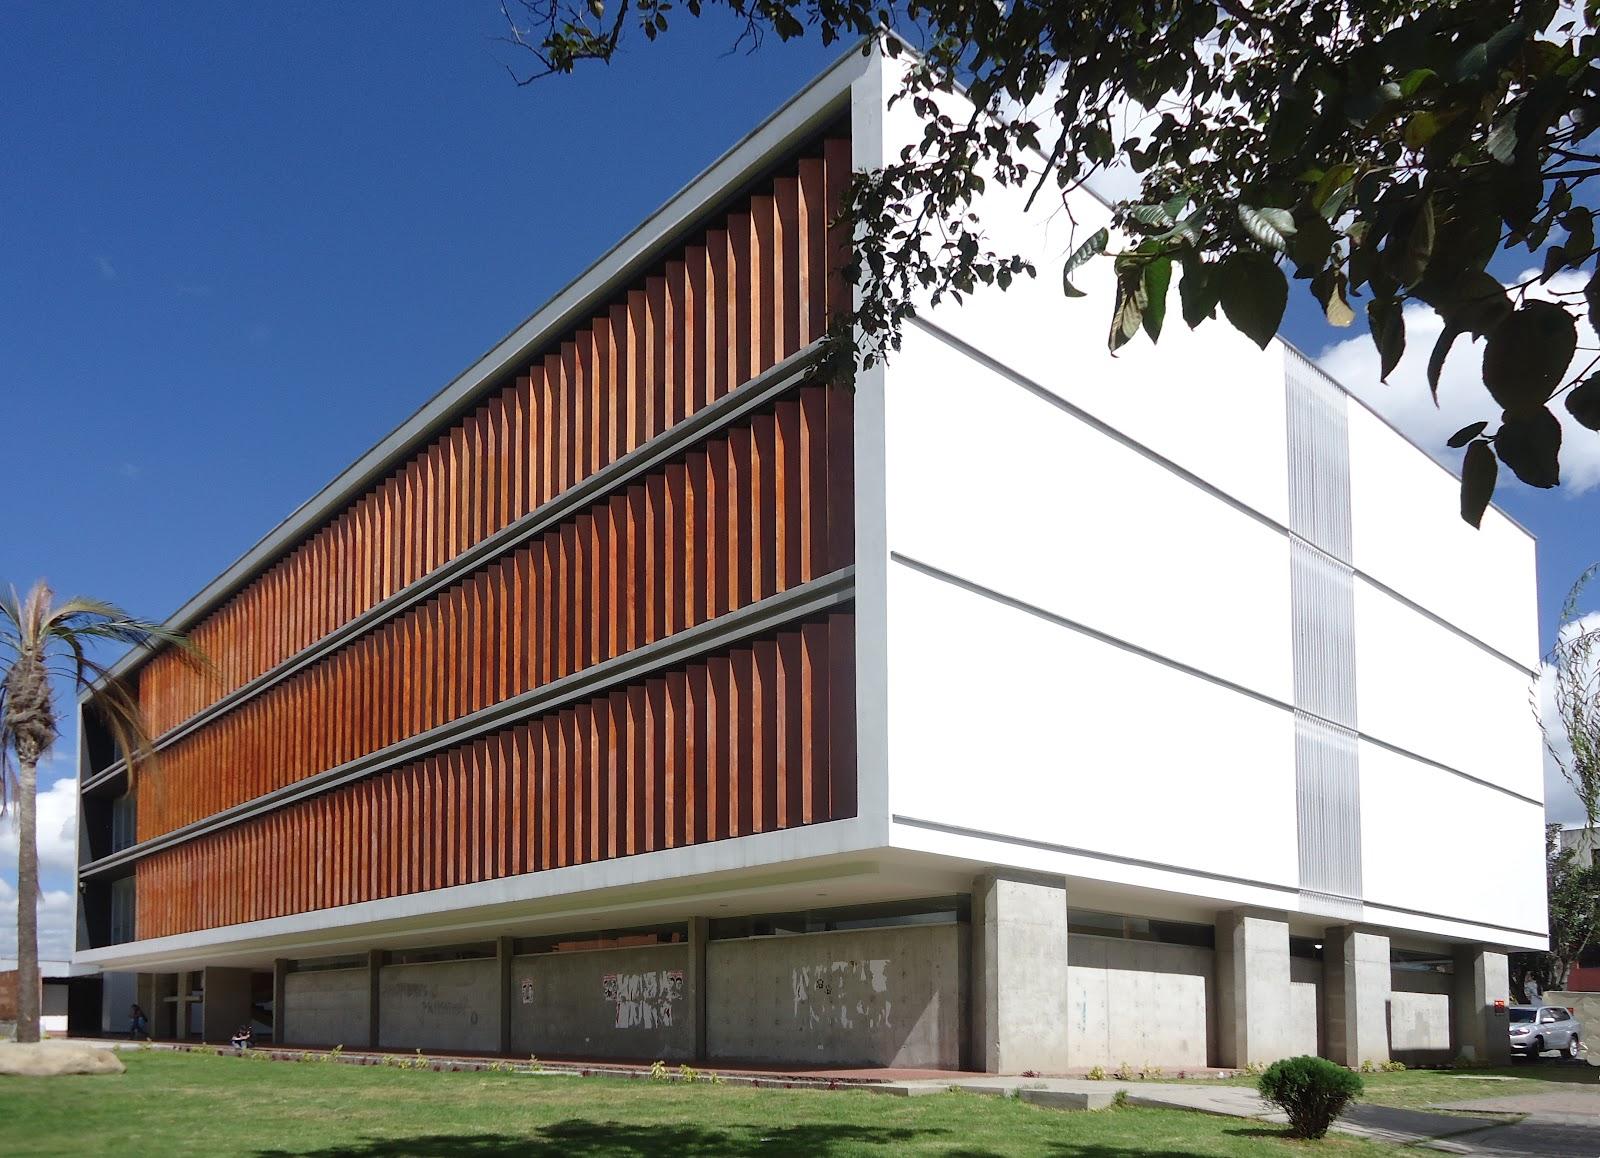 Mirar y concebir arquitectura facultad de psicolog a for Edificios educativos arquitectura